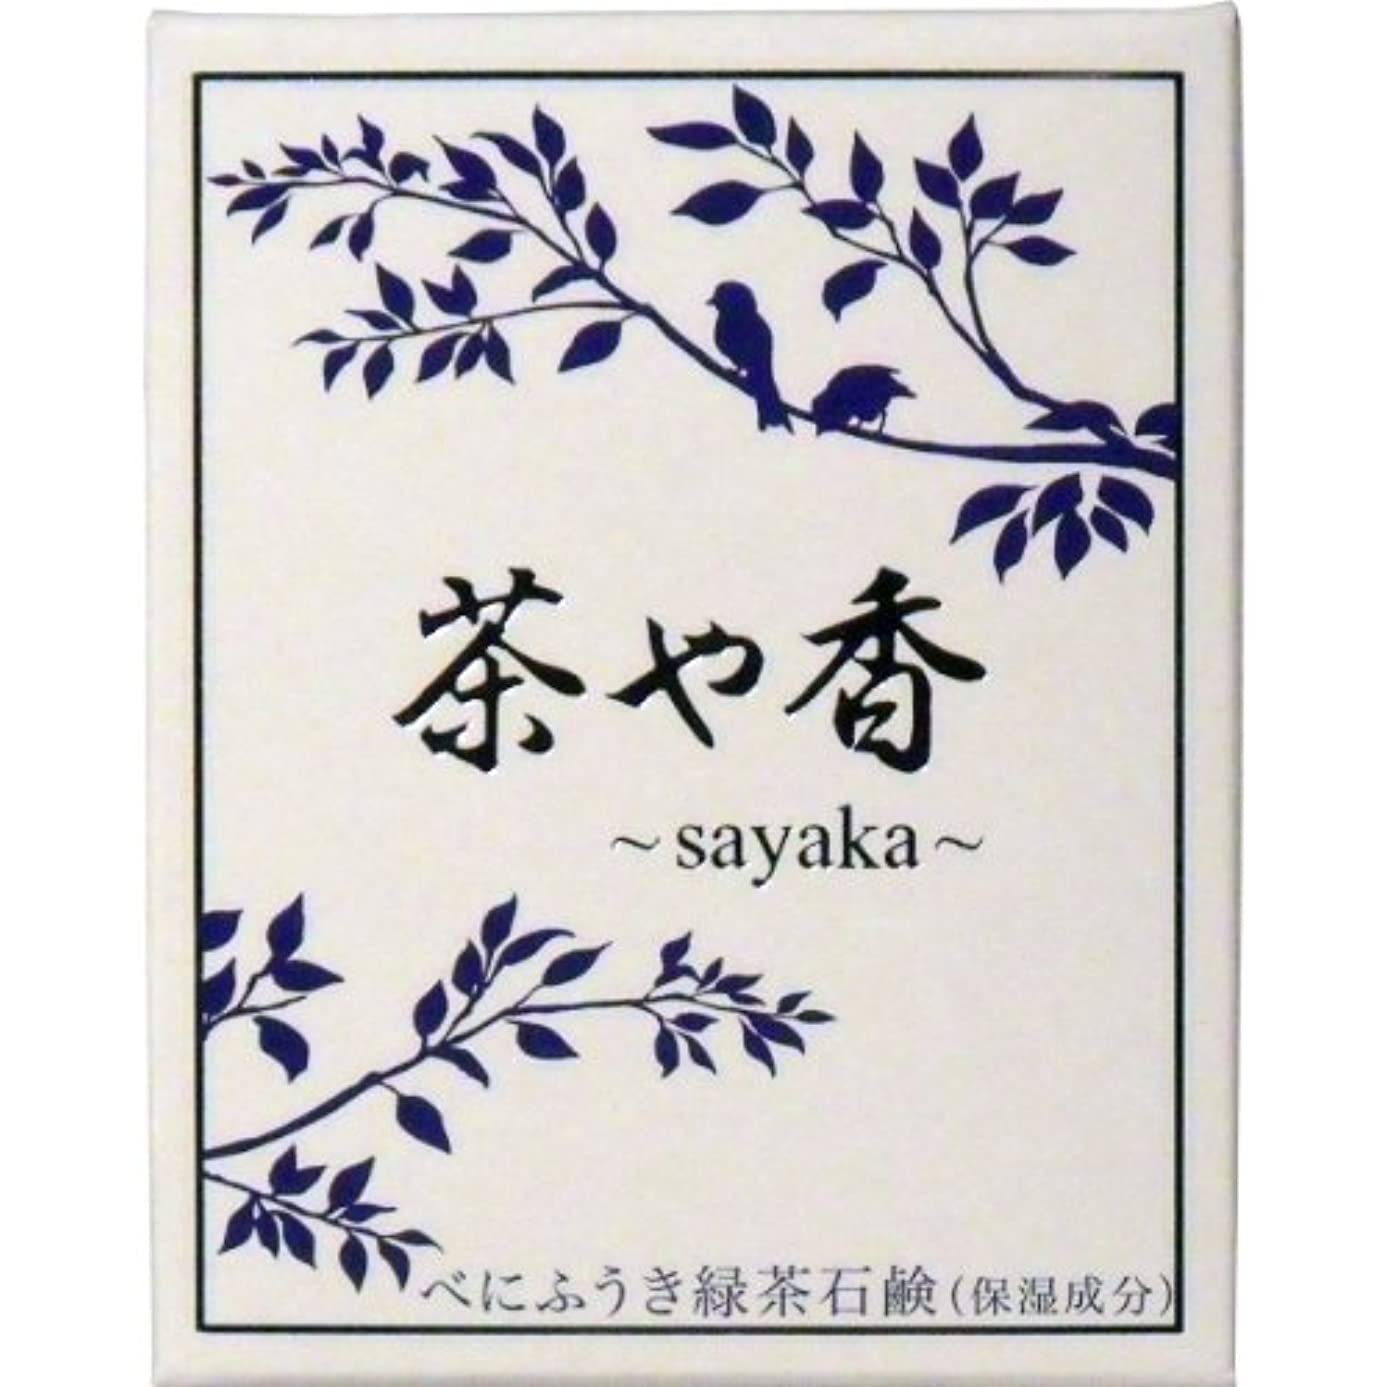 ほとんどの場合パスタ気づかない茶や香 -sayaka- べにふうき緑茶石鹸 100g入 ×5個セット